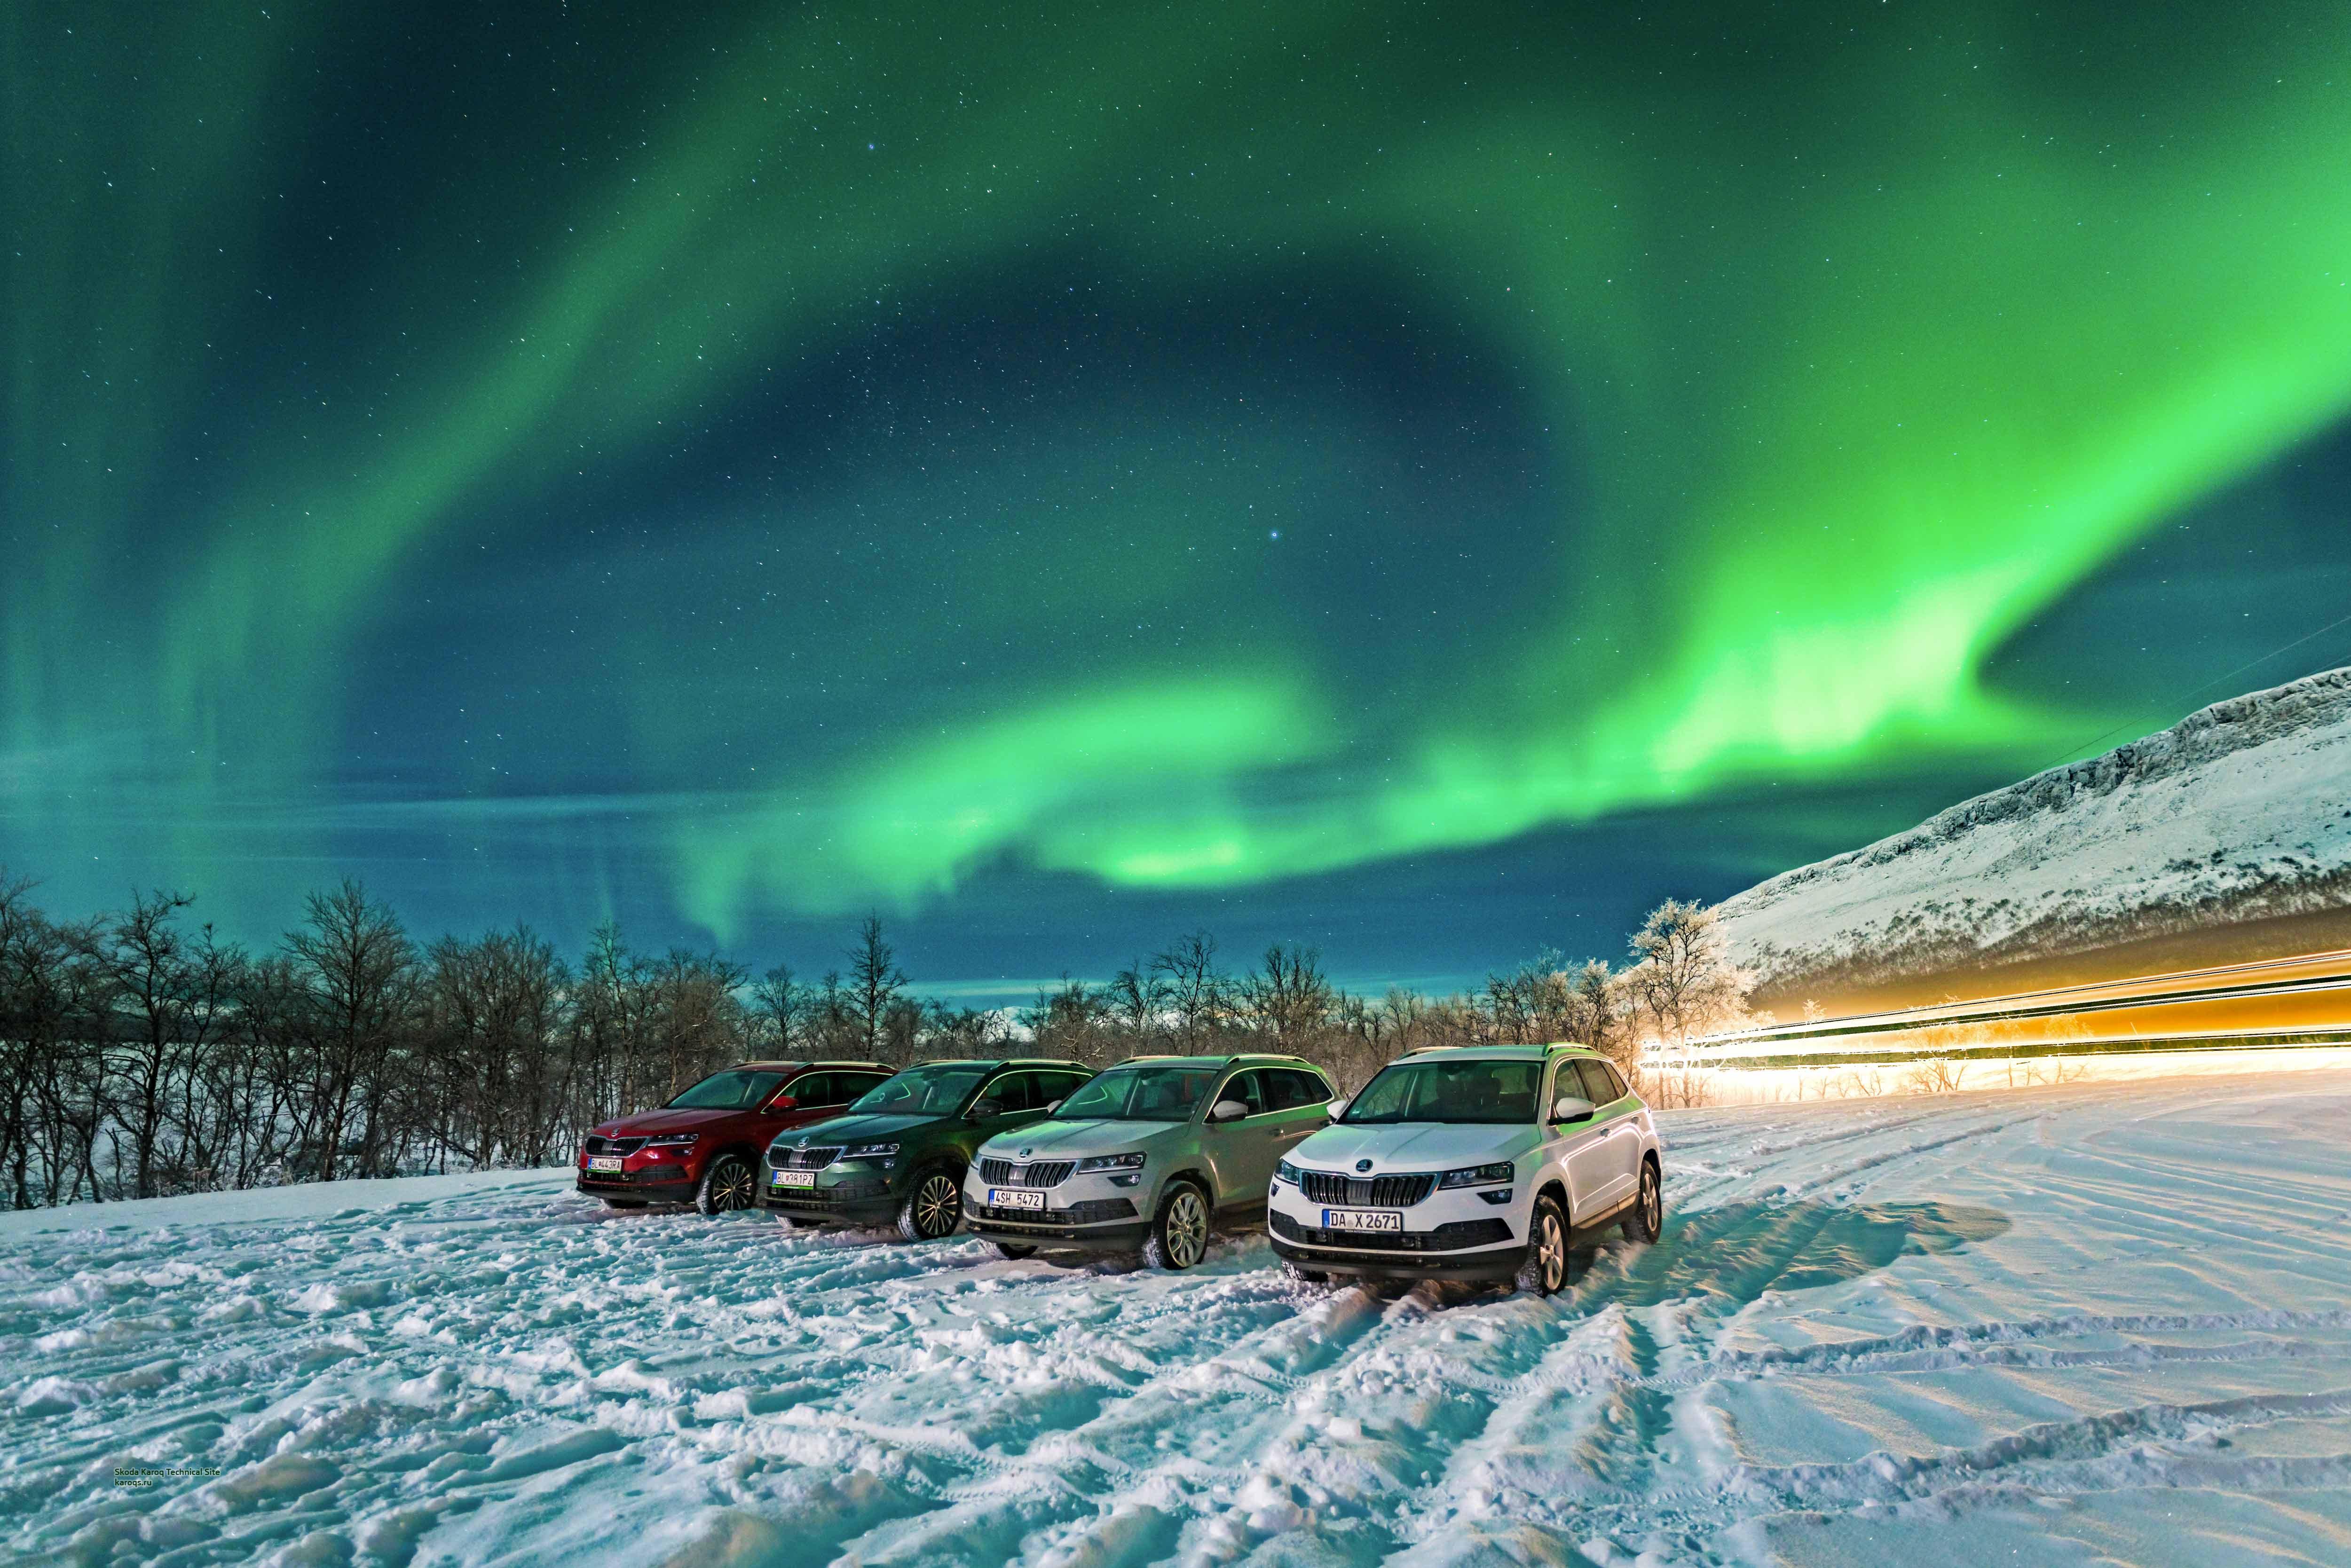 skoda-karoq_aurora-borealis.jpg